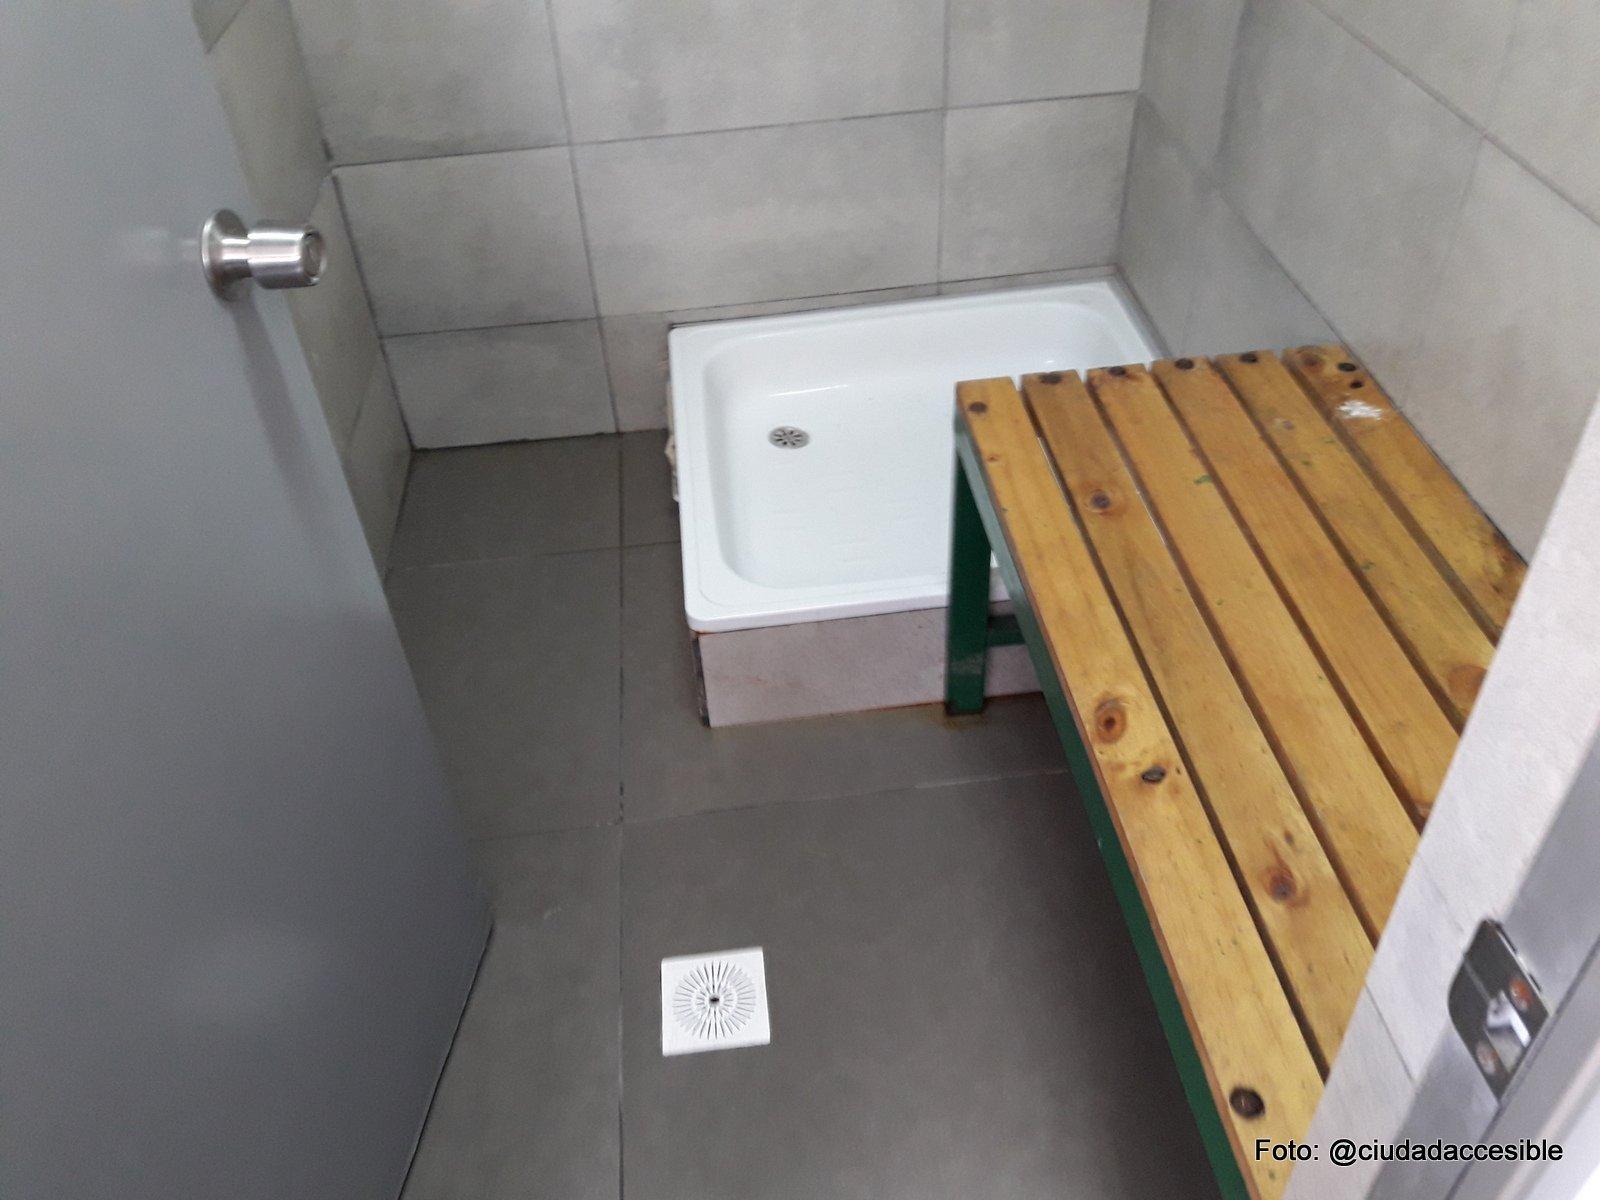 interior de ducha pública se ve un receptáculo de ducha y una banca